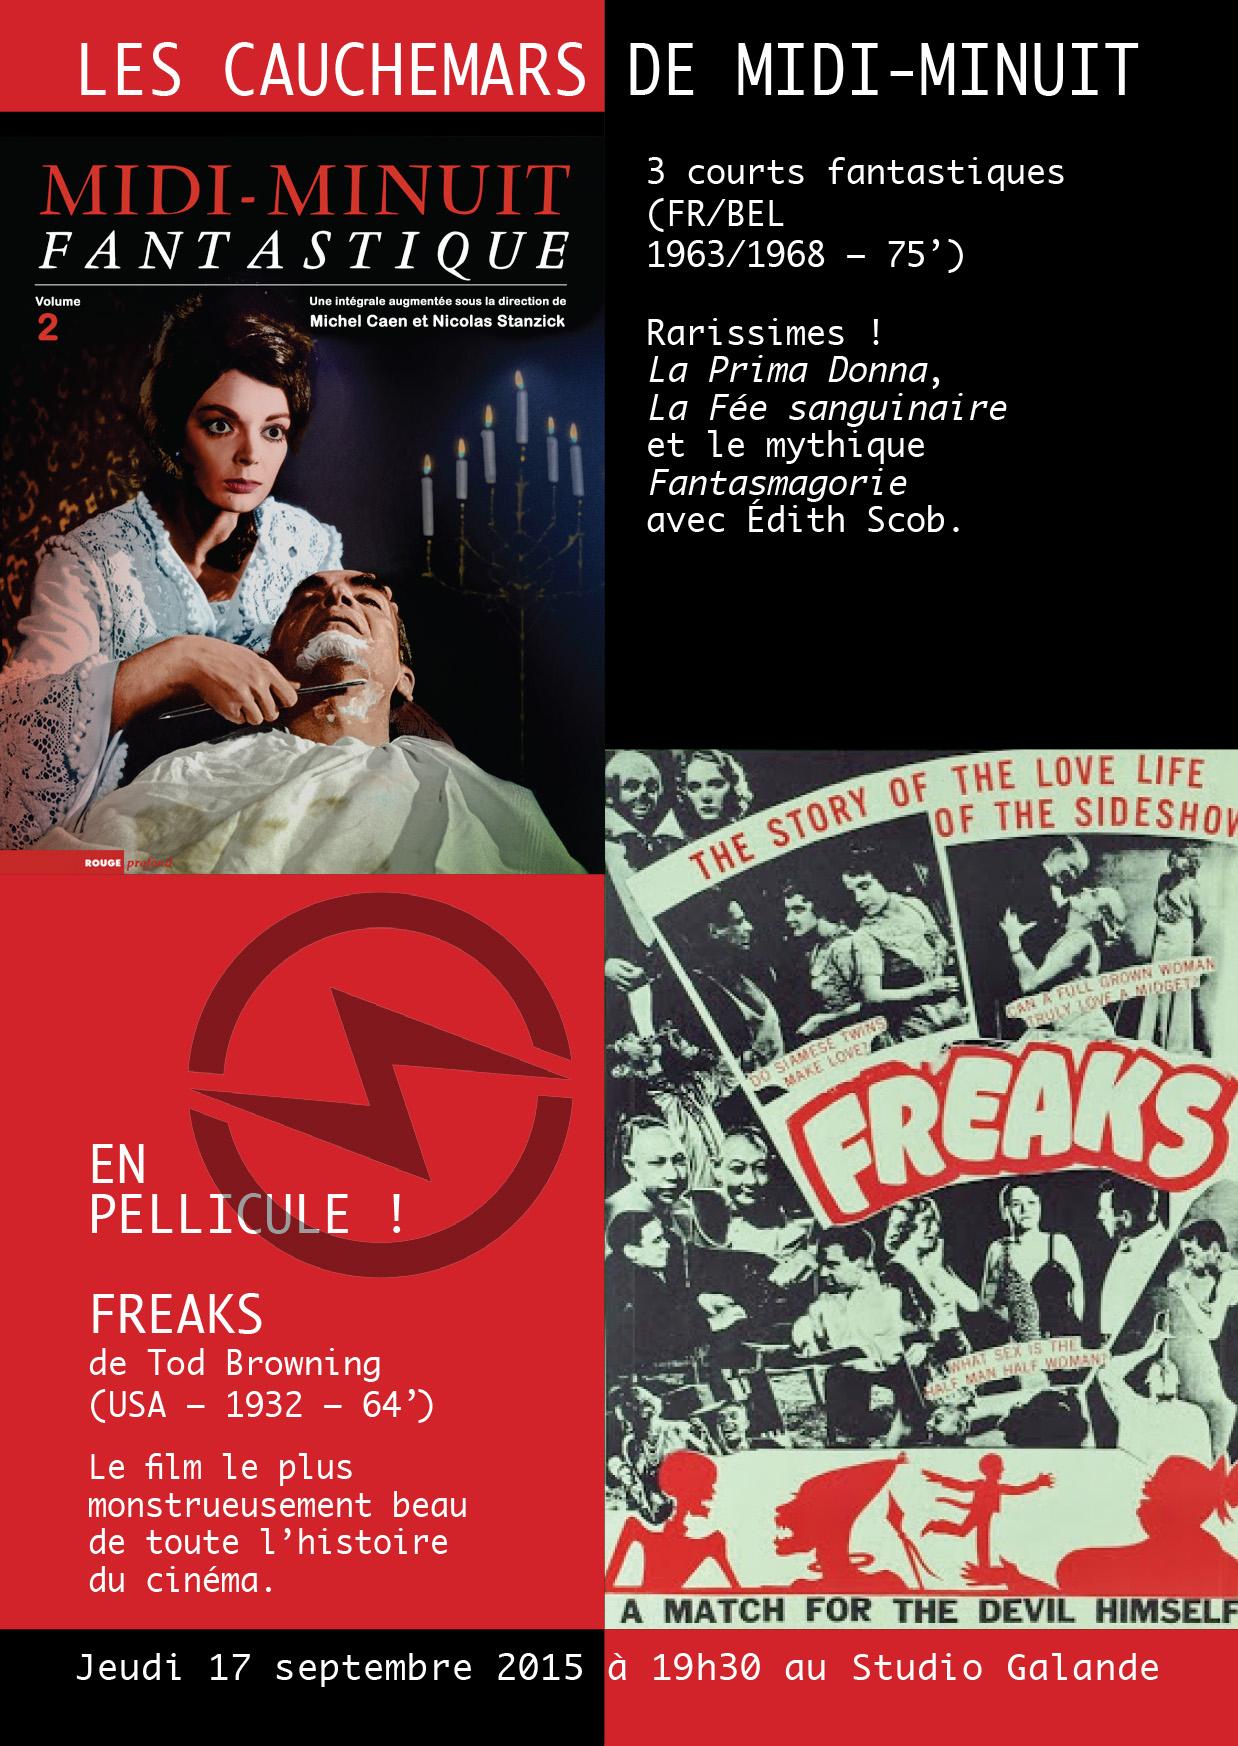 Flyer Studio Galande - Soirée Midi-Minuit Fantastique - 17 septembre 2015 avec Nicolas Stanzick: Fantasmagorie, LA Prima Donna, La Fée sanguinaire, Freaks - Les Cauchemars de Midi-Minuit